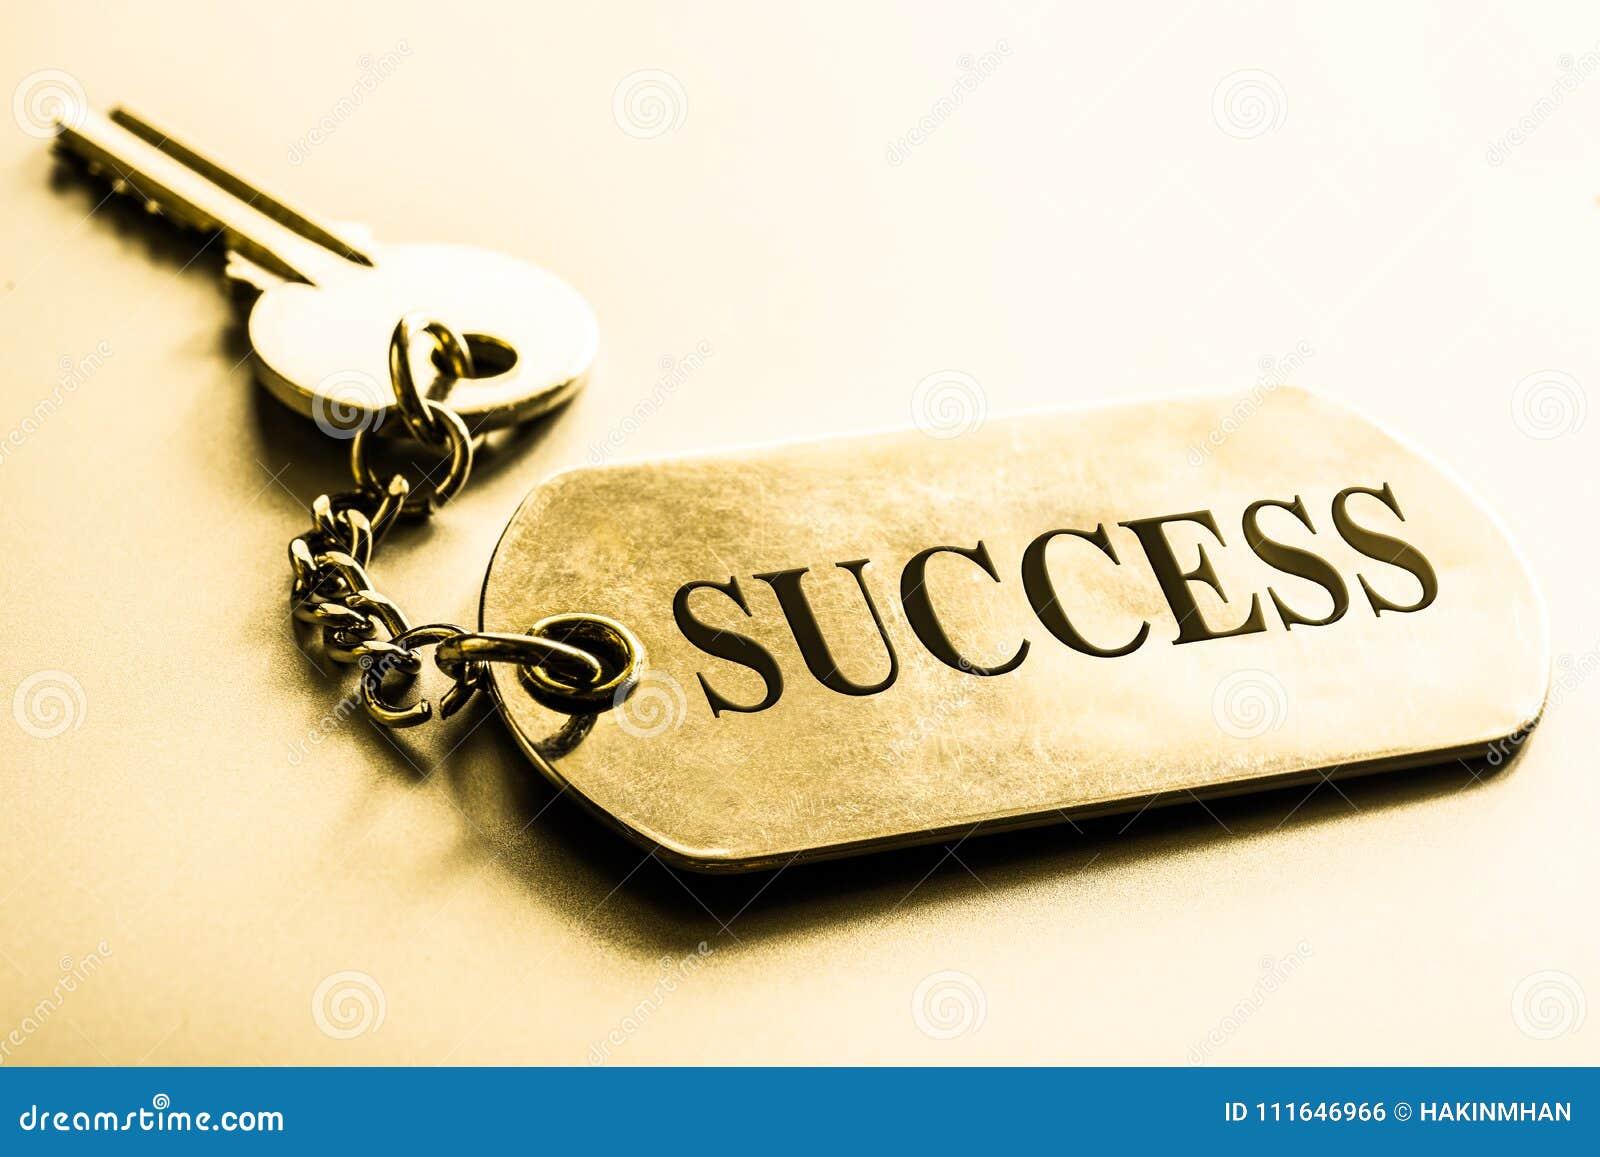 Kluczem sukcesu pojęcia prowadzenia domu posiadanie klucza złoty sięgający niebo